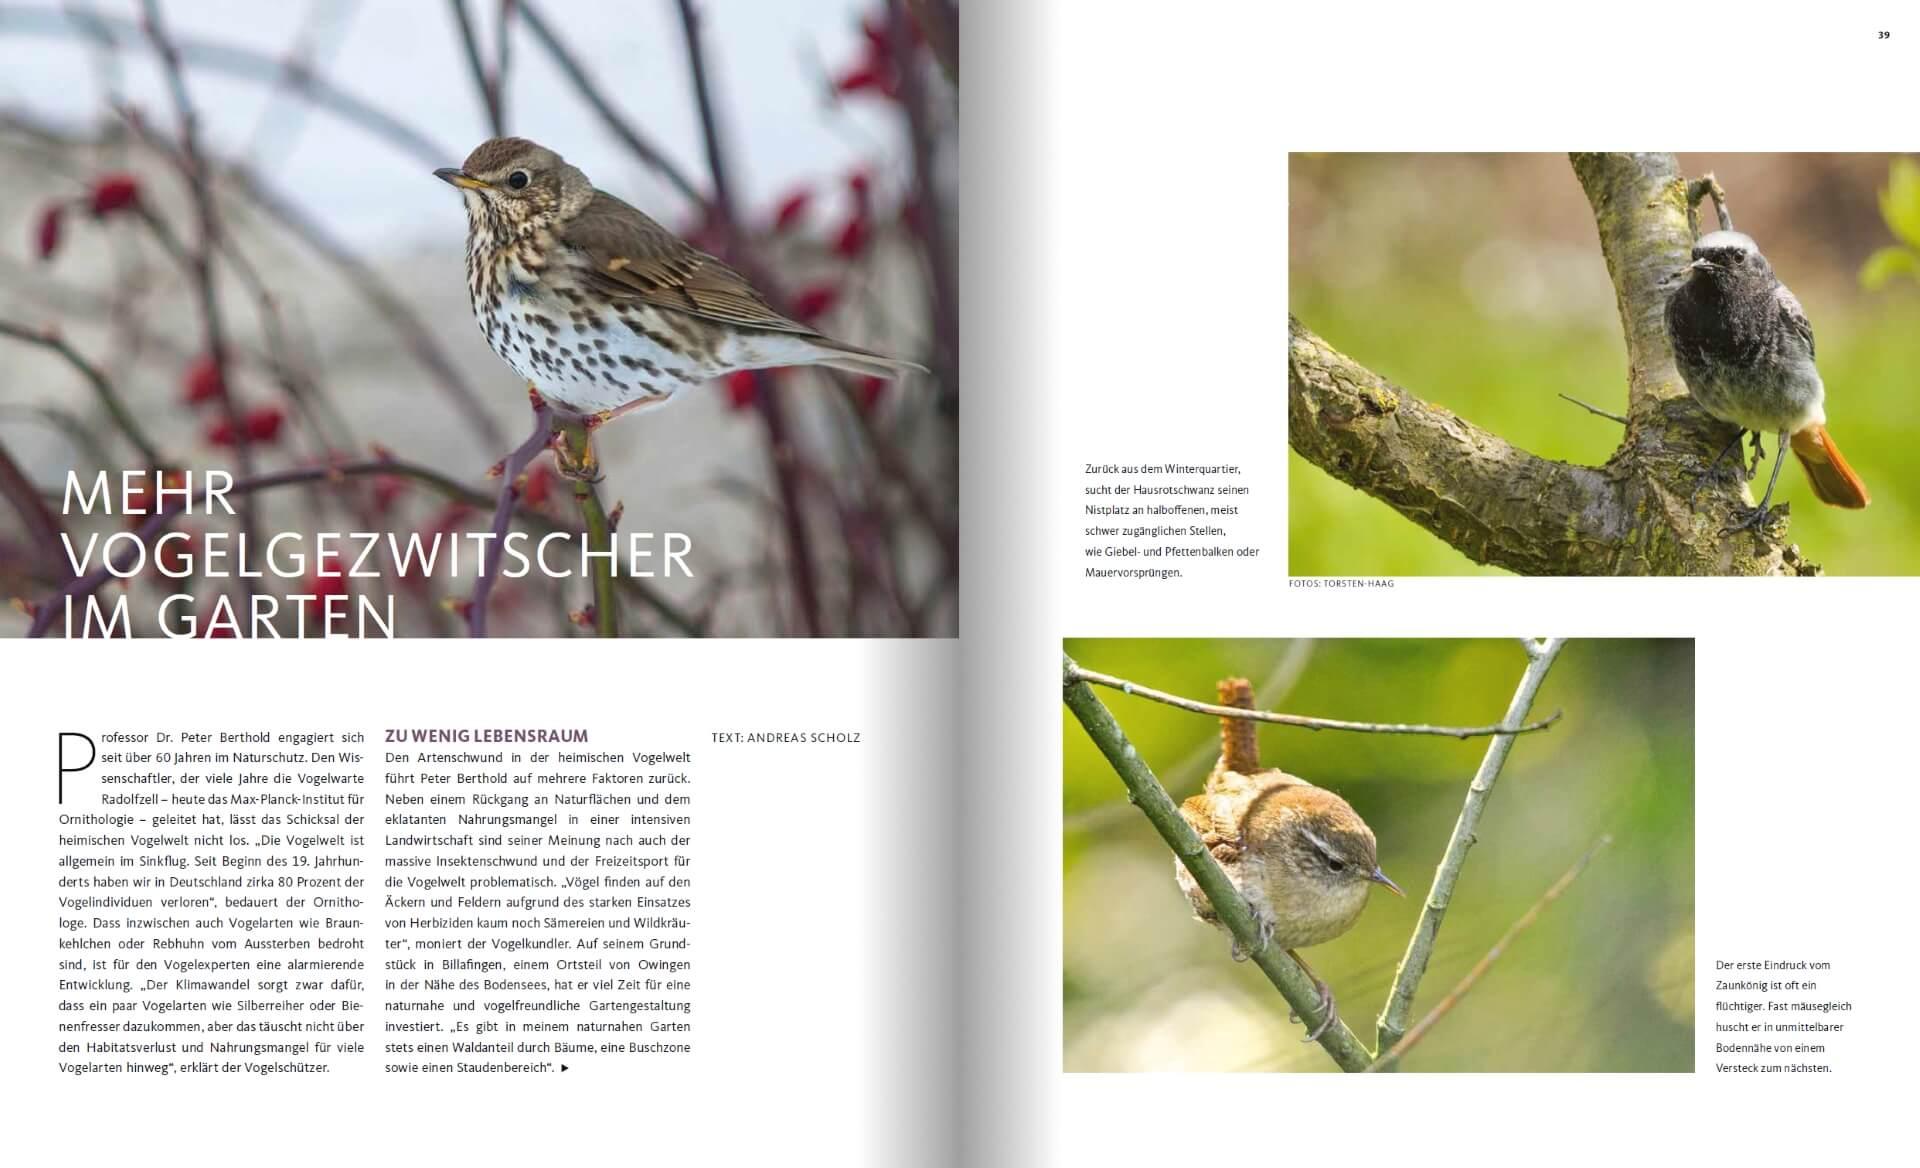 GARTENDESIGN INSPIRATION Ausgabe 3/2019: Mehr Vogelgezwitscher im Garten